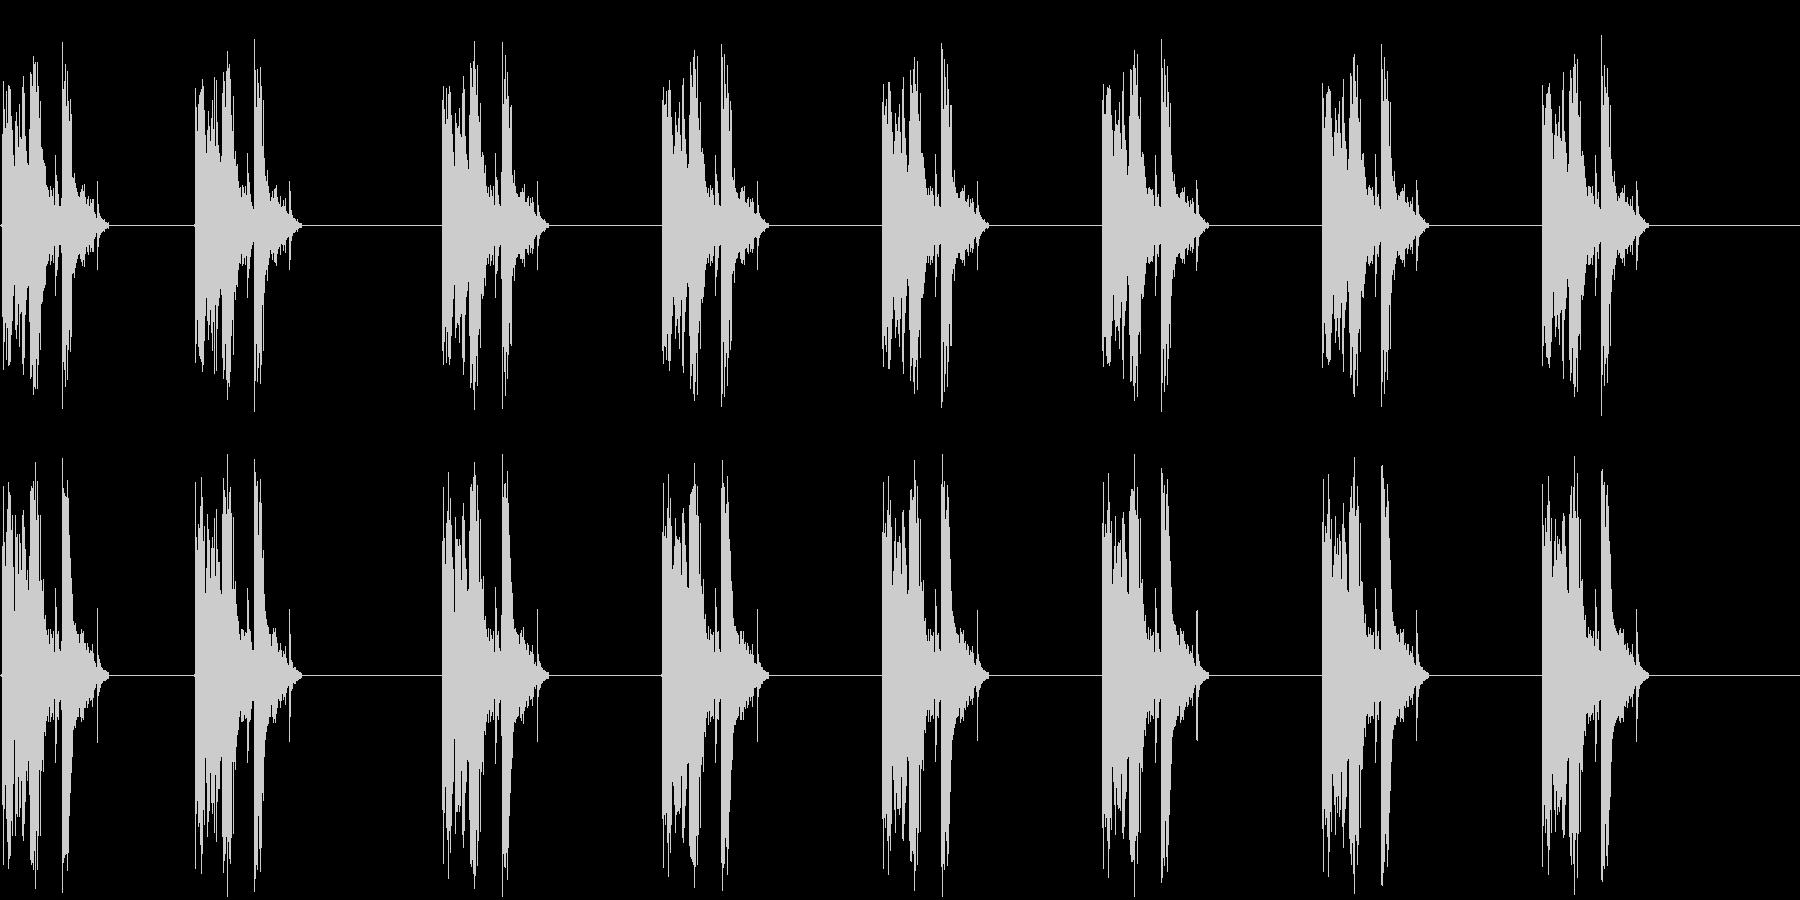 ガラスが割れる音の未再生の波形